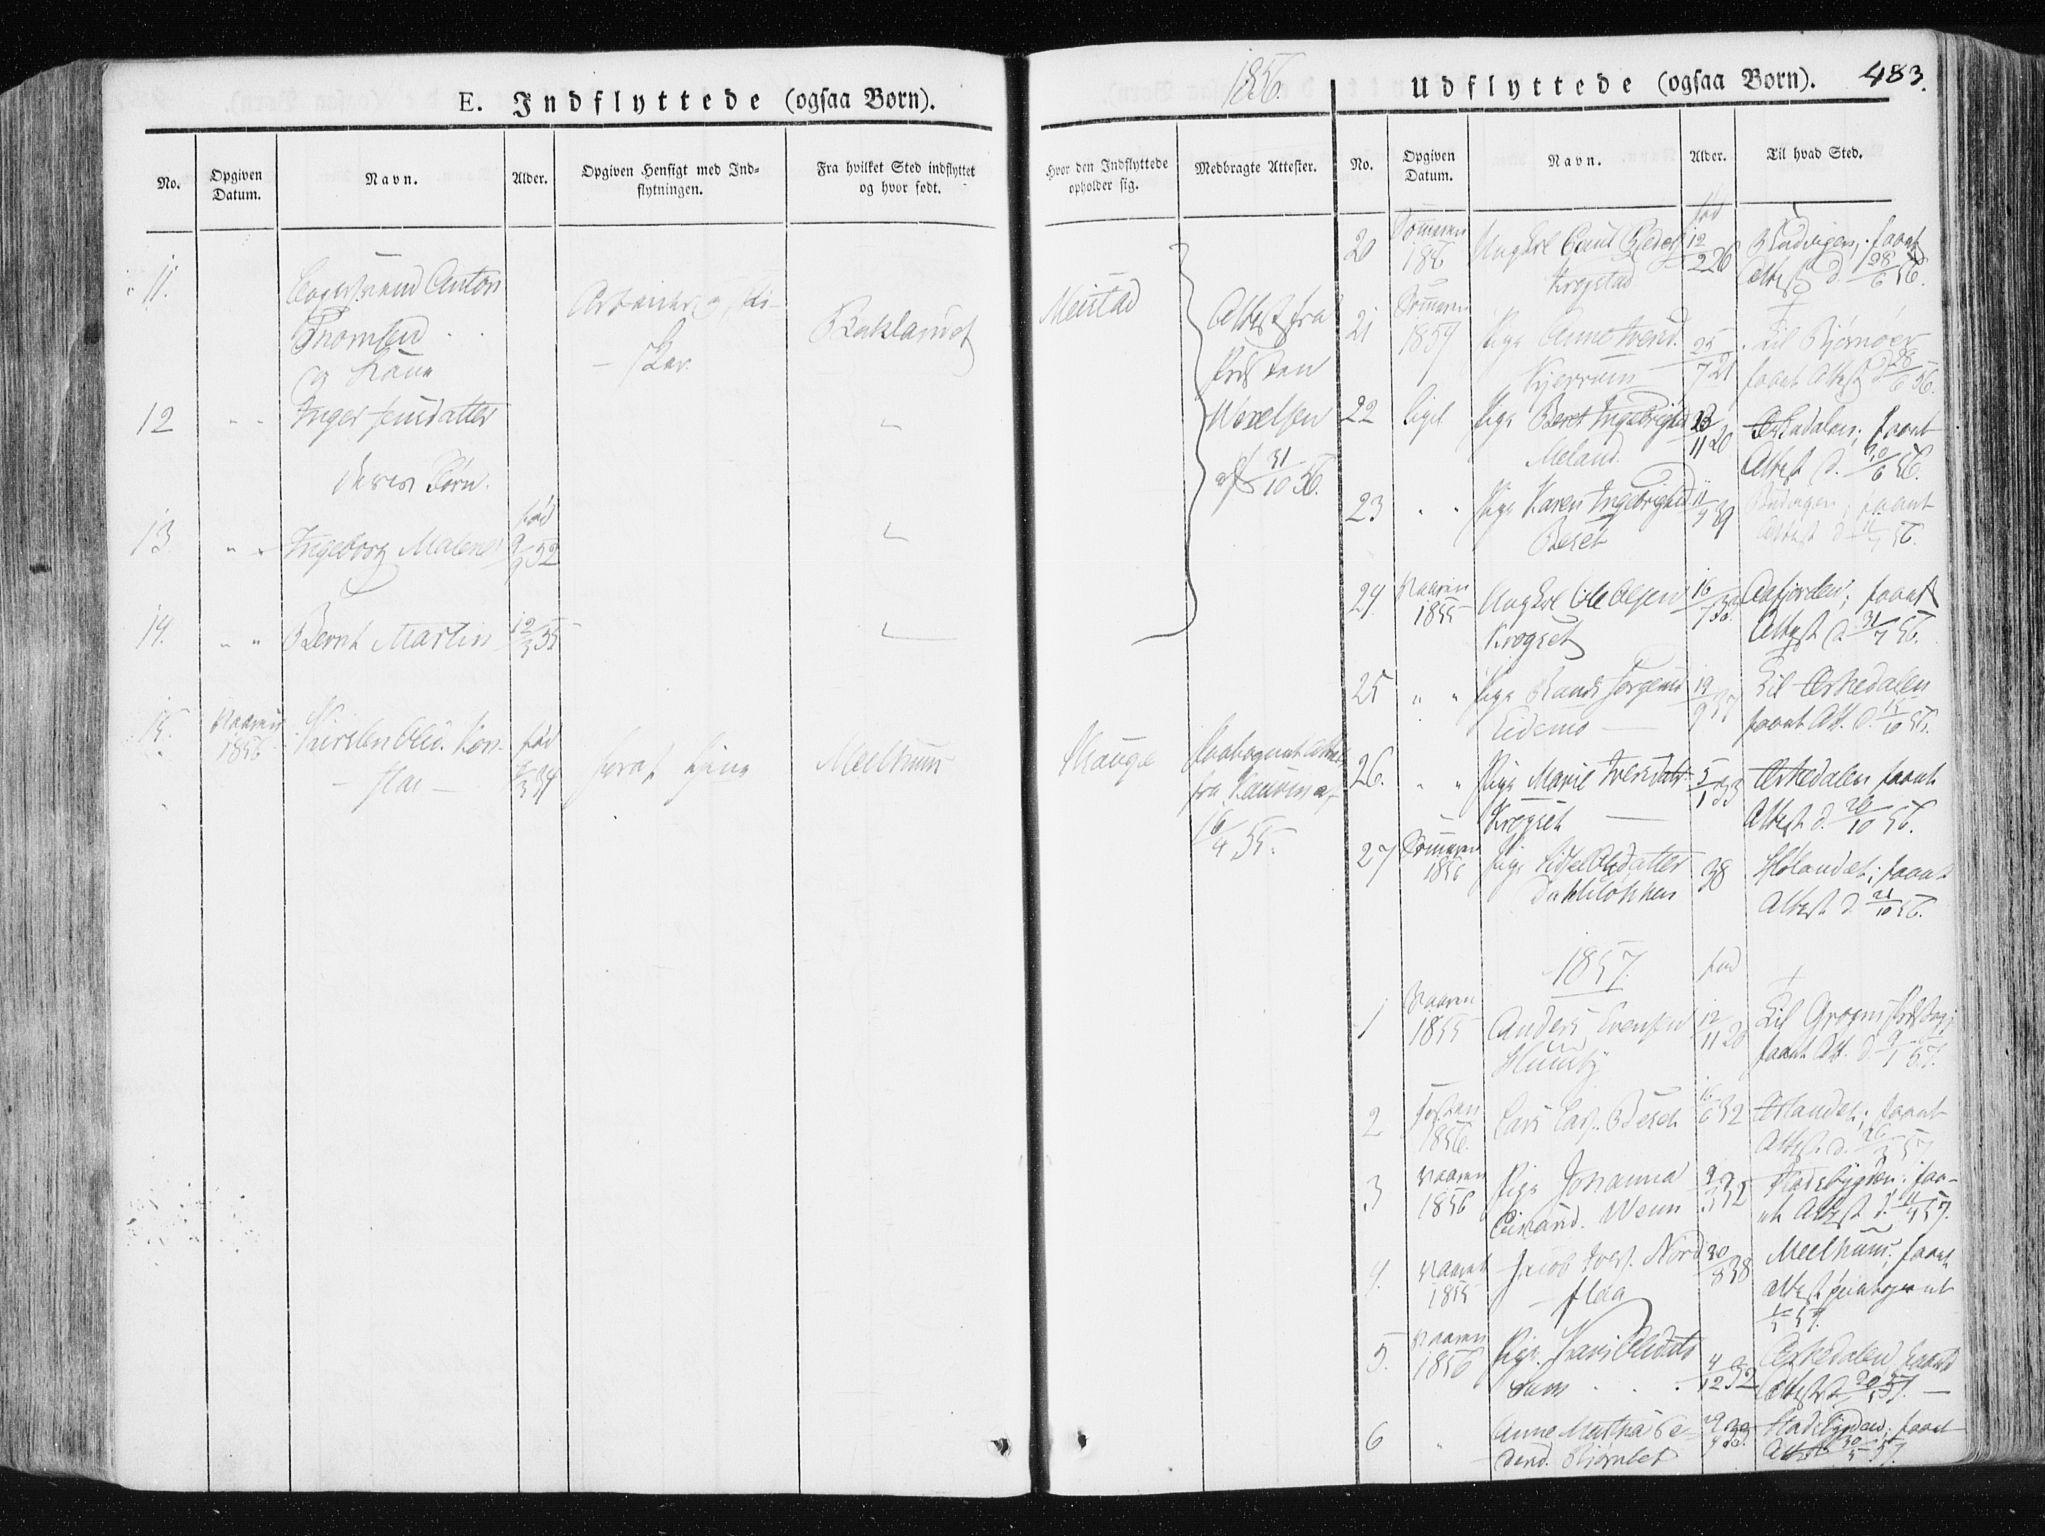 SAT, Ministerialprotokoller, klokkerbøker og fødselsregistre - Sør-Trøndelag, 665/L0771: Ministerialbok nr. 665A06, 1830-1856, s. 483